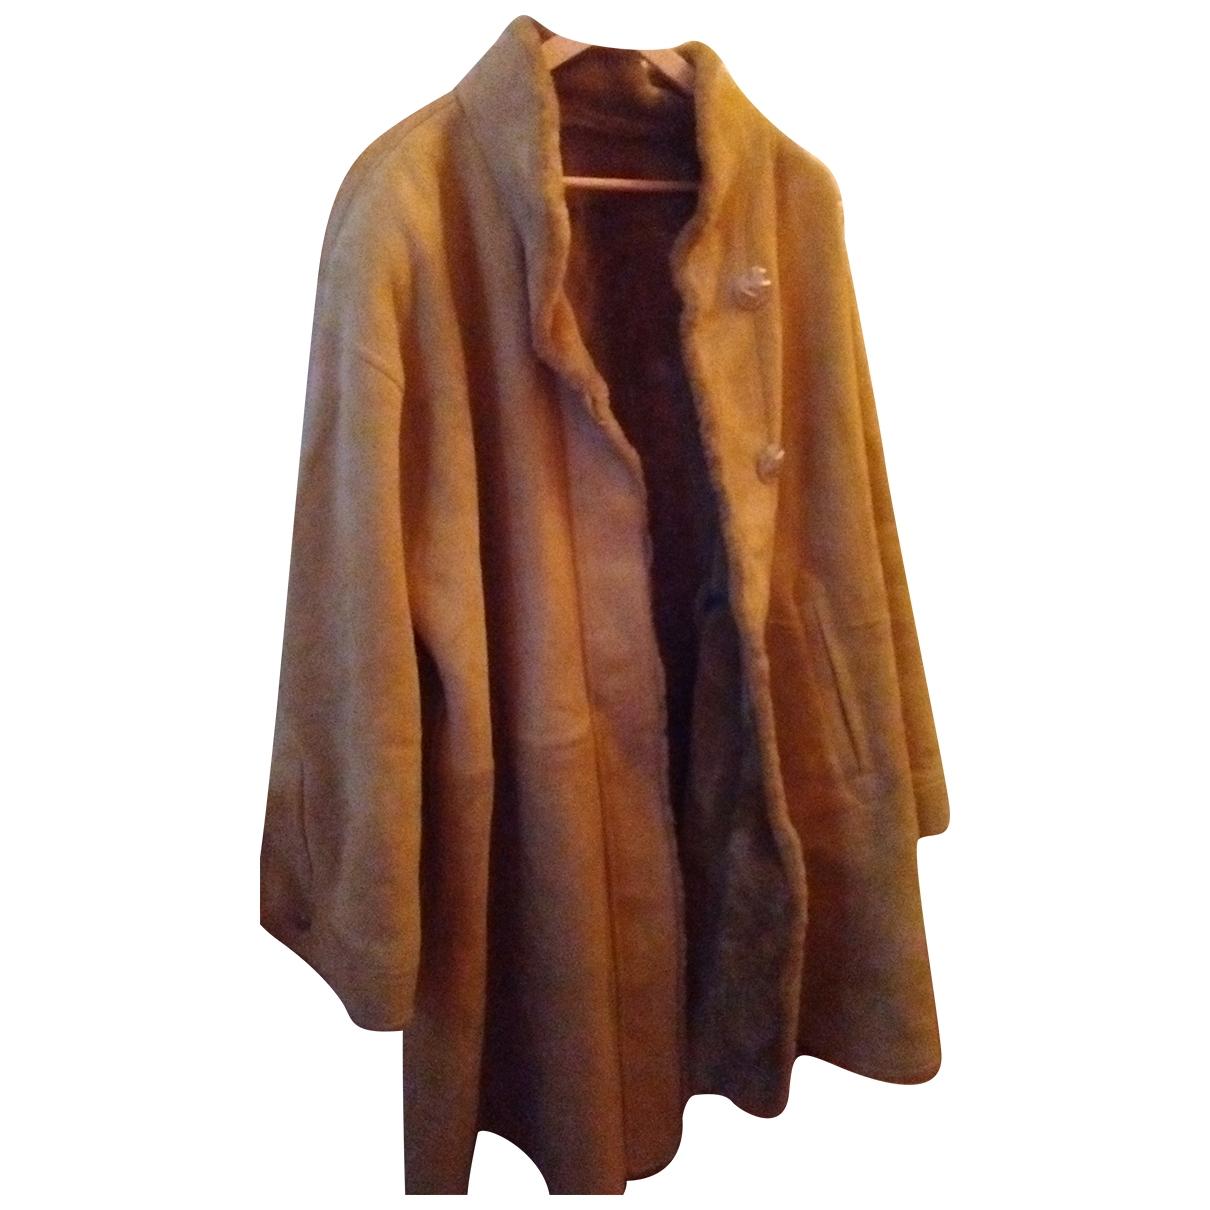 Yves Saint Laurent \N Shearling coat for Women 44 FR